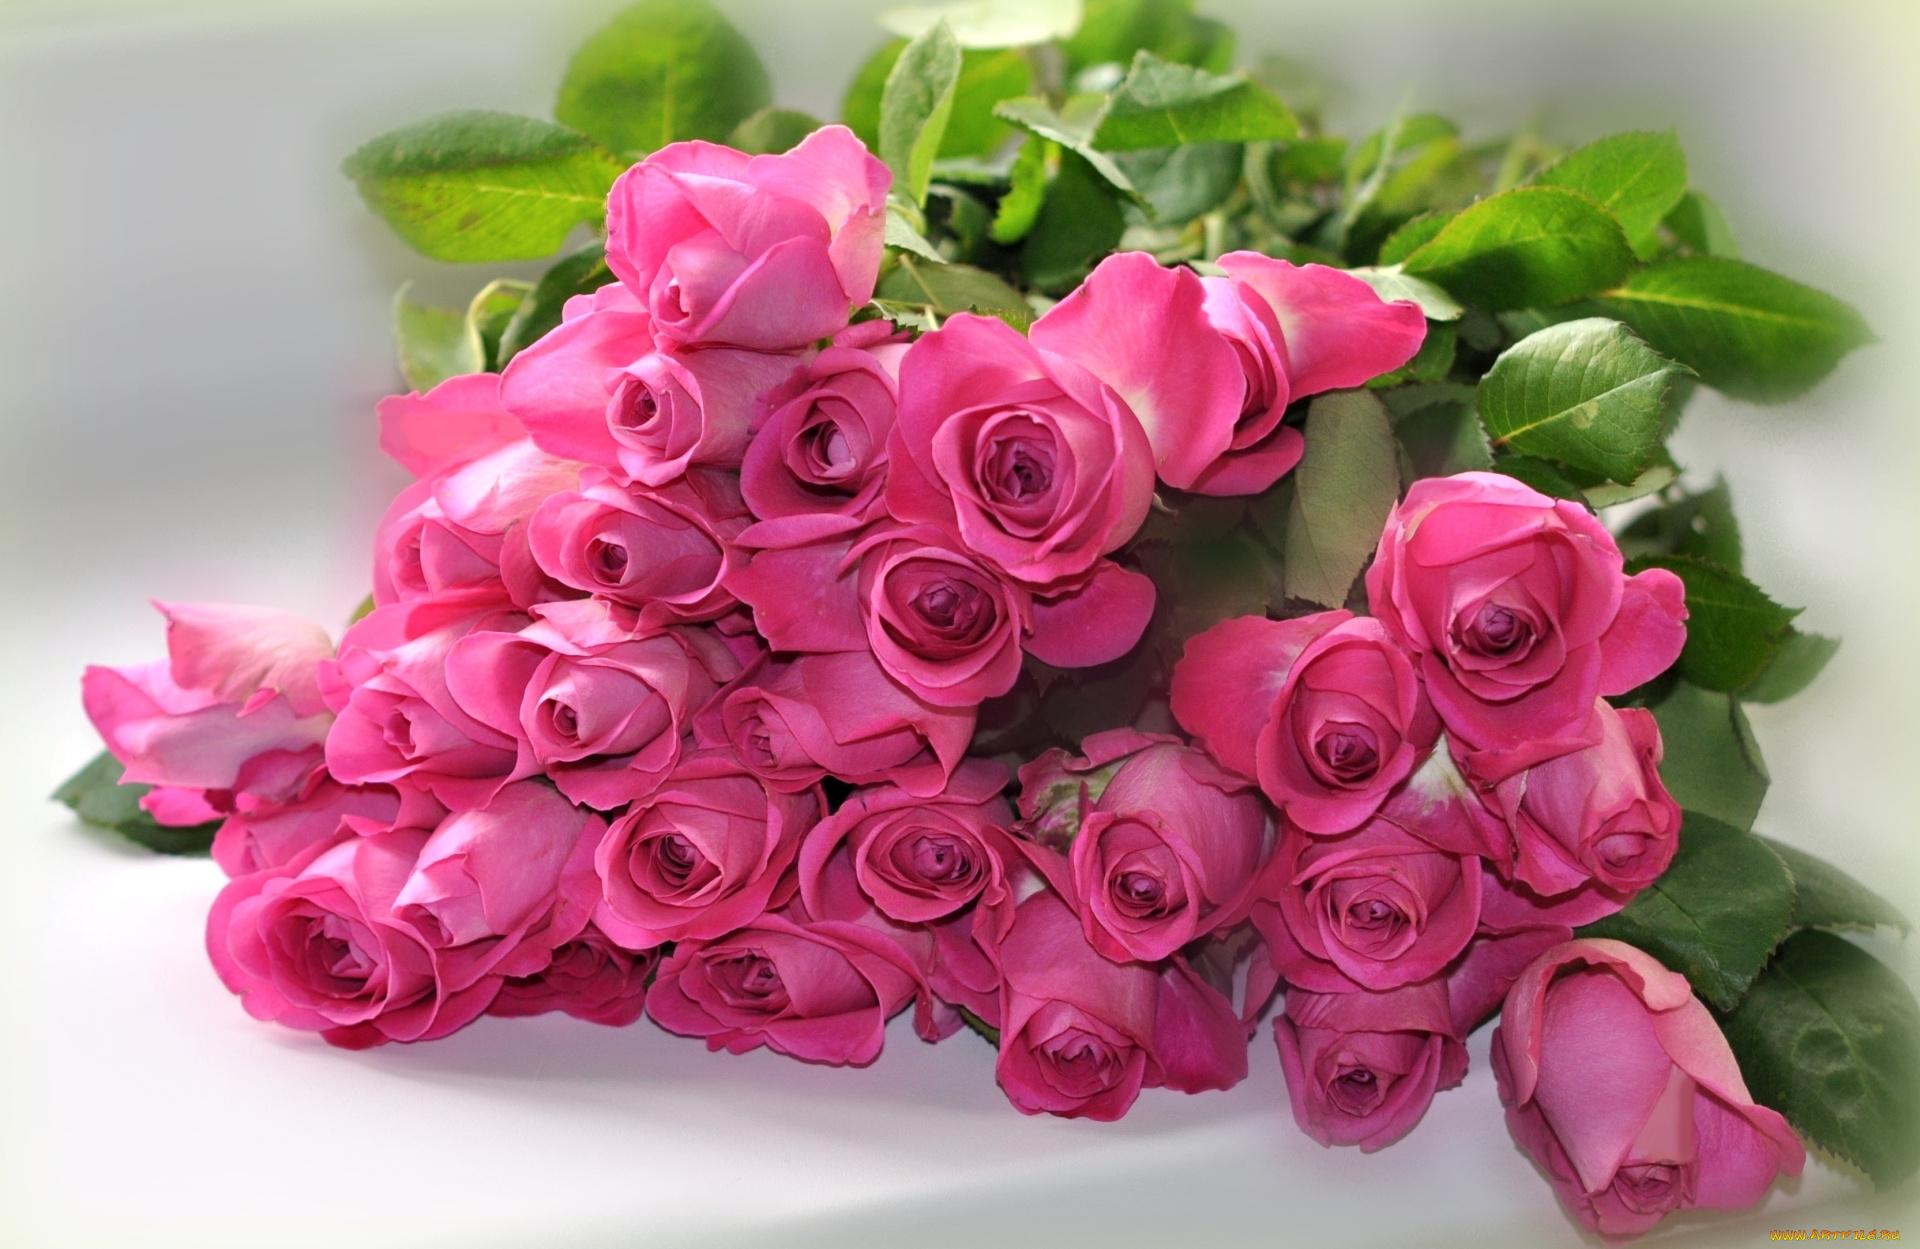 Картинки букет рз розовых с днем рождения 6